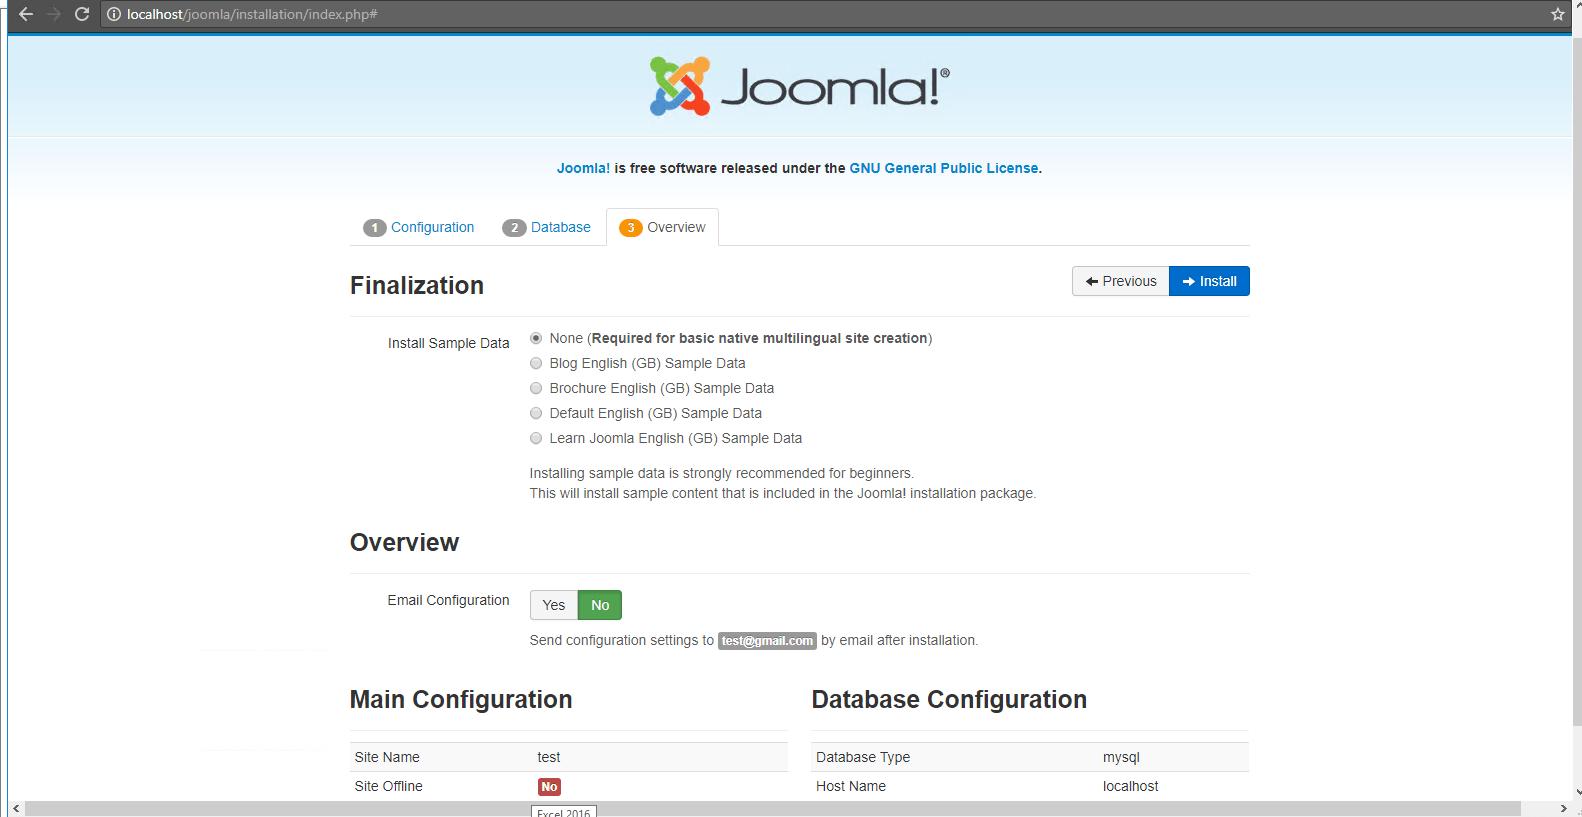 overview configuration details